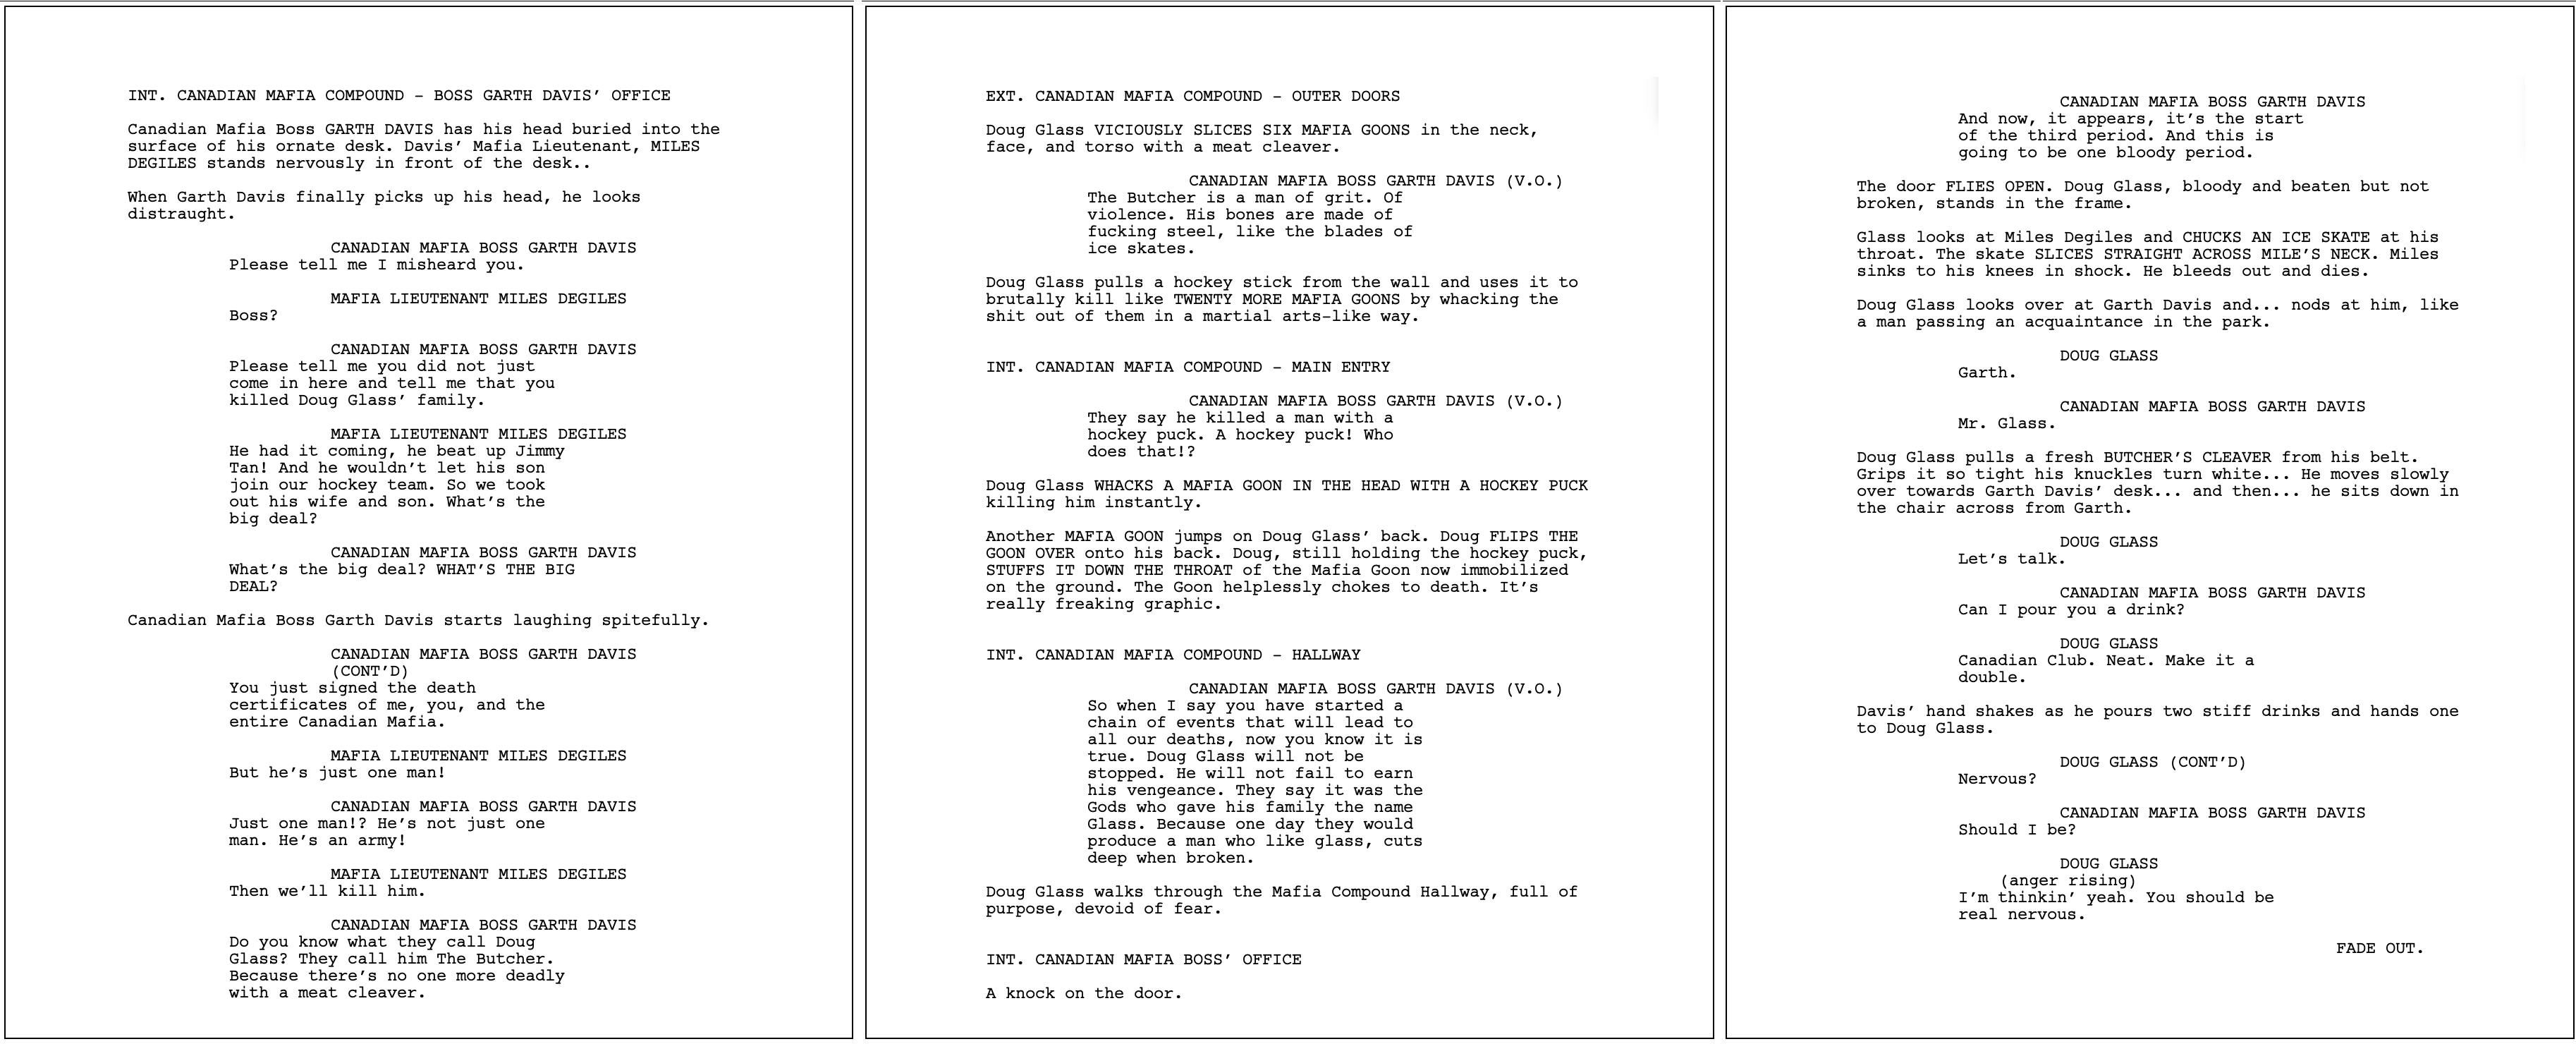 DG Script